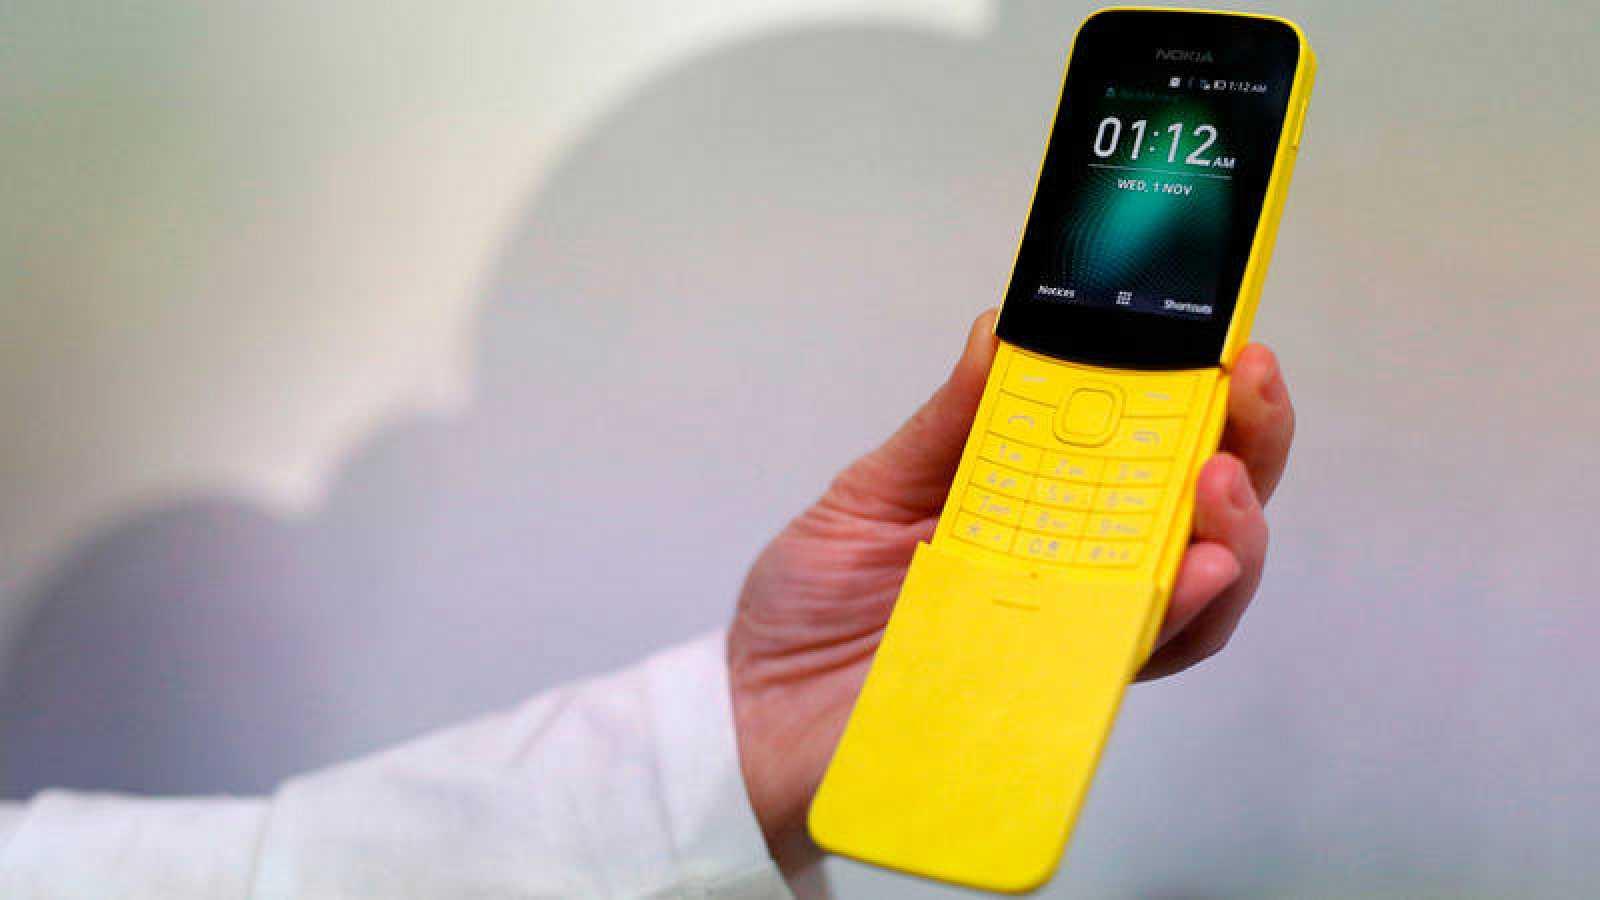 Imagen del modelo 8110 presentado por Nokia en el Mobile World Congress de Barcelona.